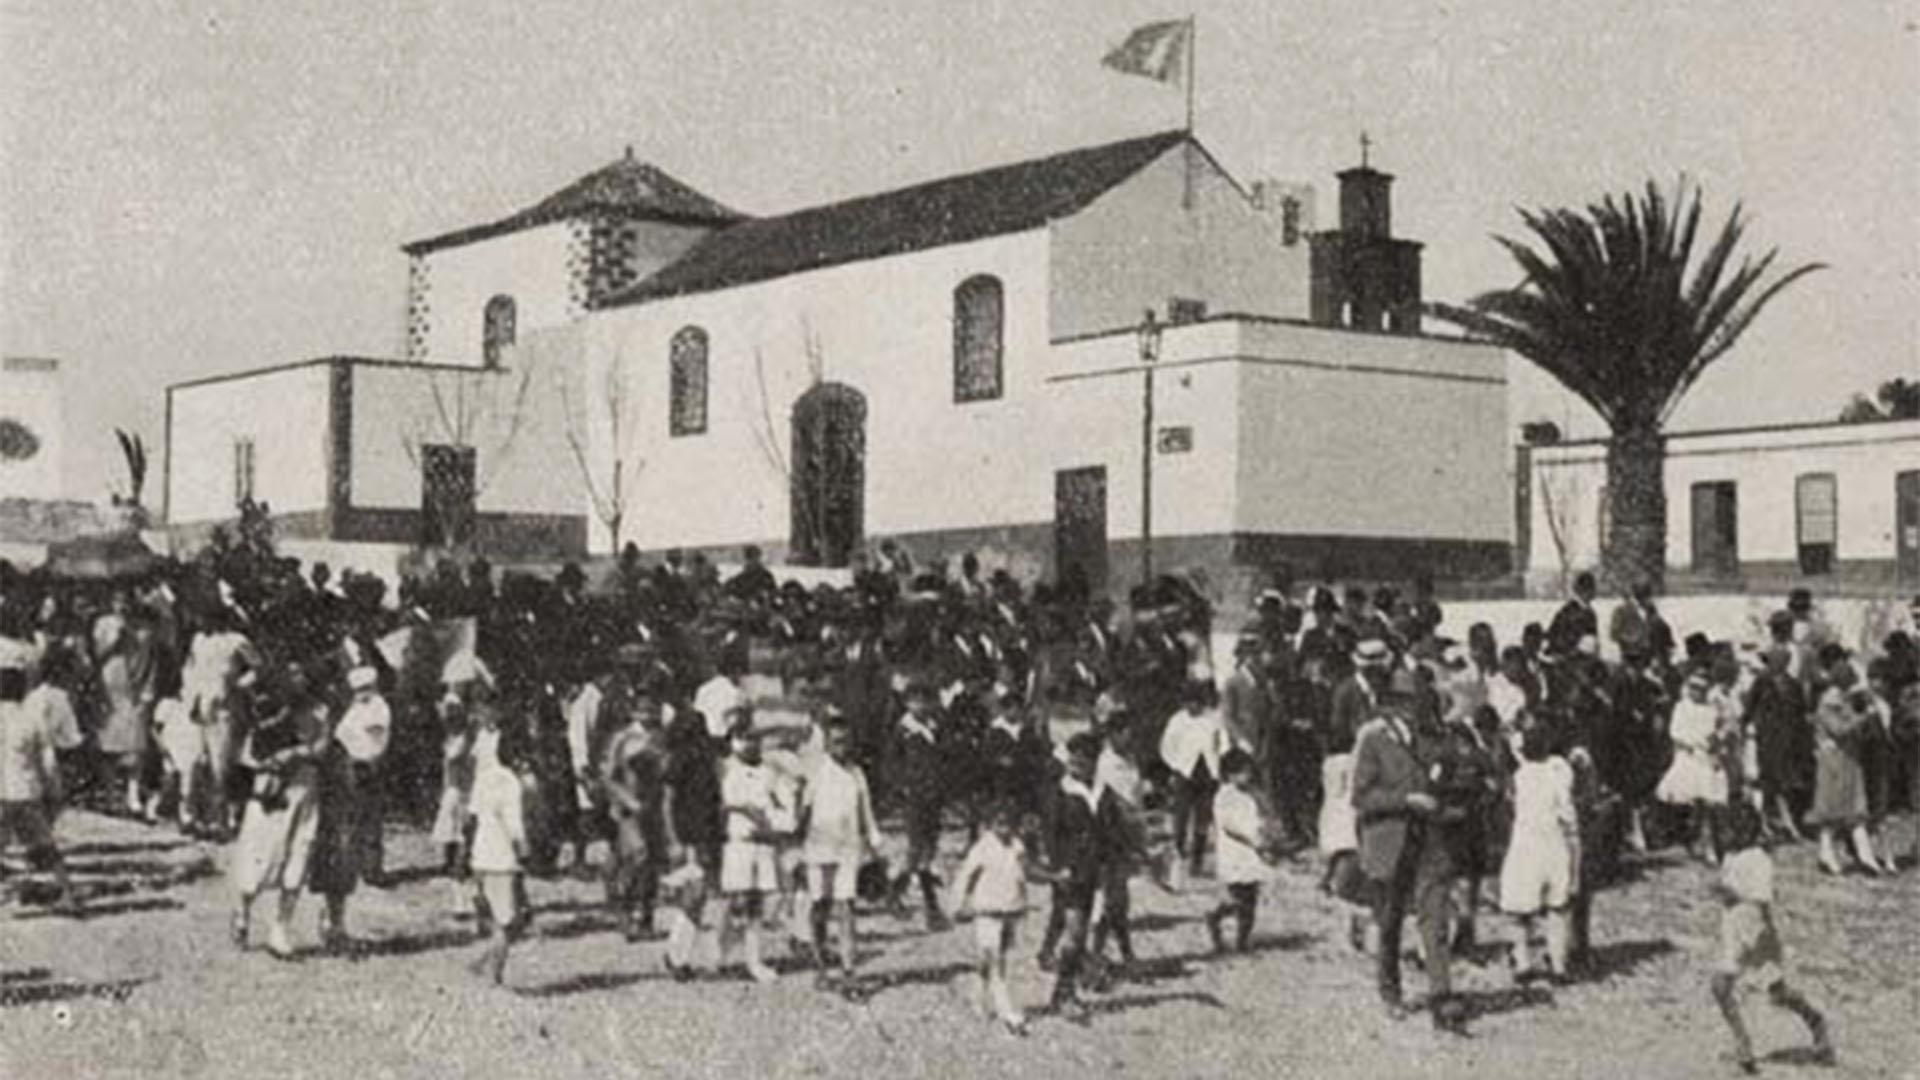 Kirche Puerto del Rosario Fuerteventura –Parroquia de Nuestra Señora del Rosario im Jahr 1920.